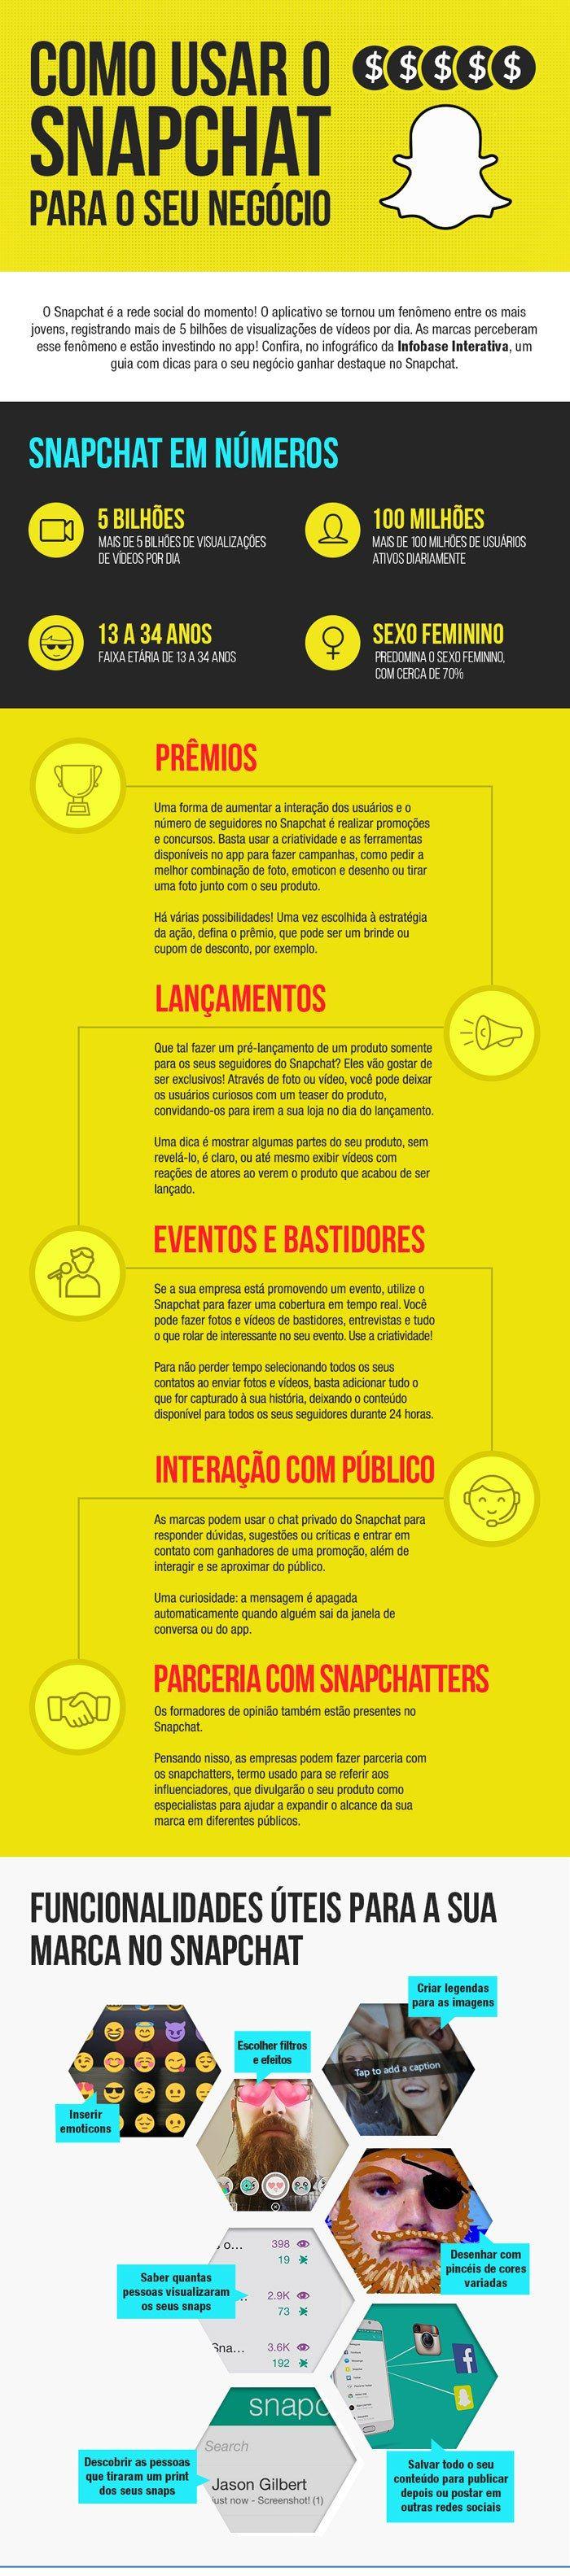 5 dicas de como fazer Marketing no Snapchat